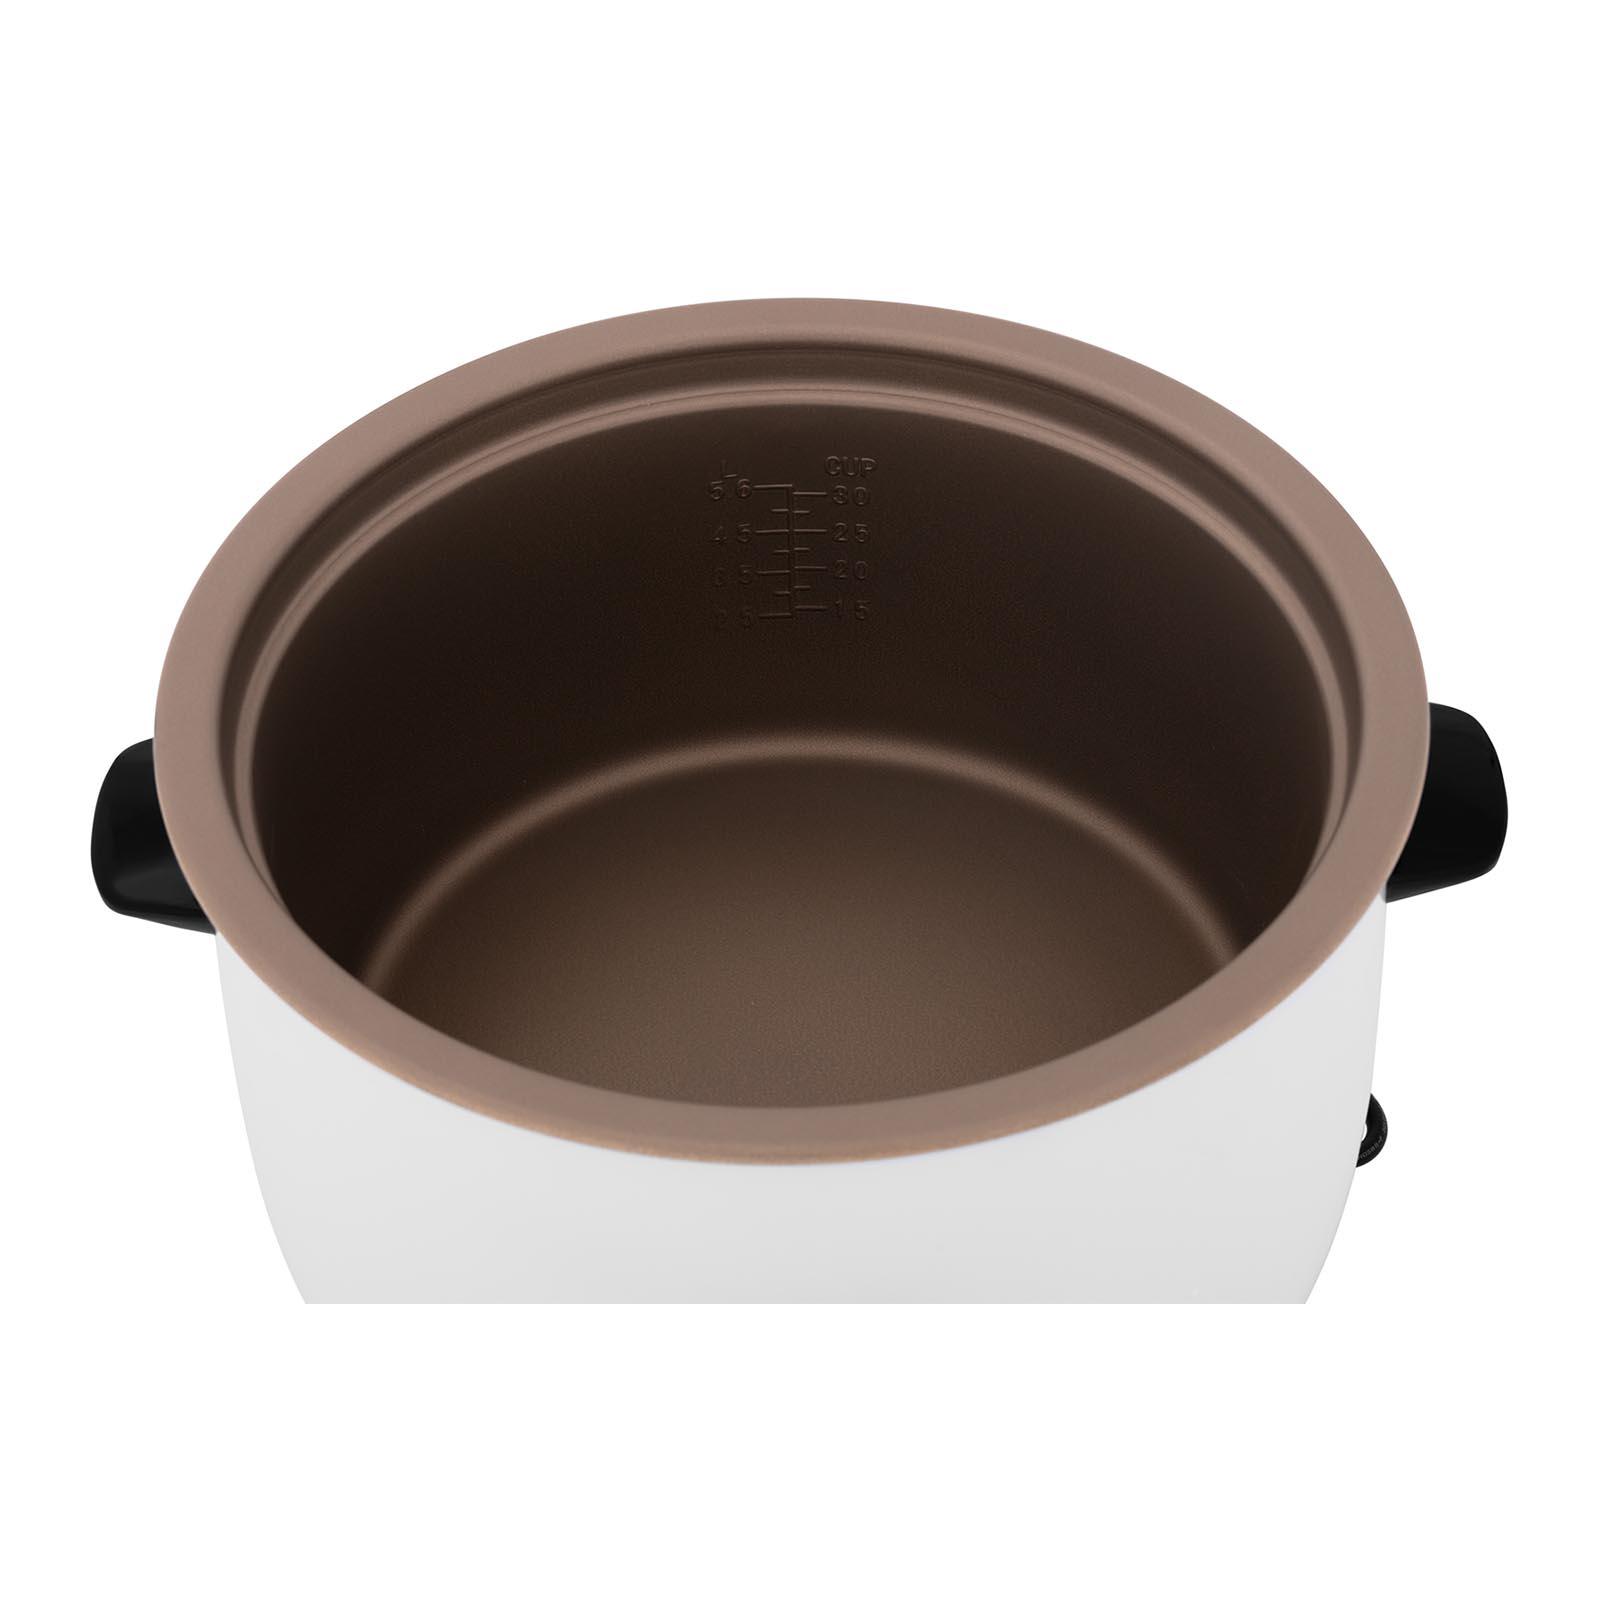 Gastro Reiskocher Elektrisch Dampfkocher Reiskochtopf Gemüsegarer 13 L 1.950 W